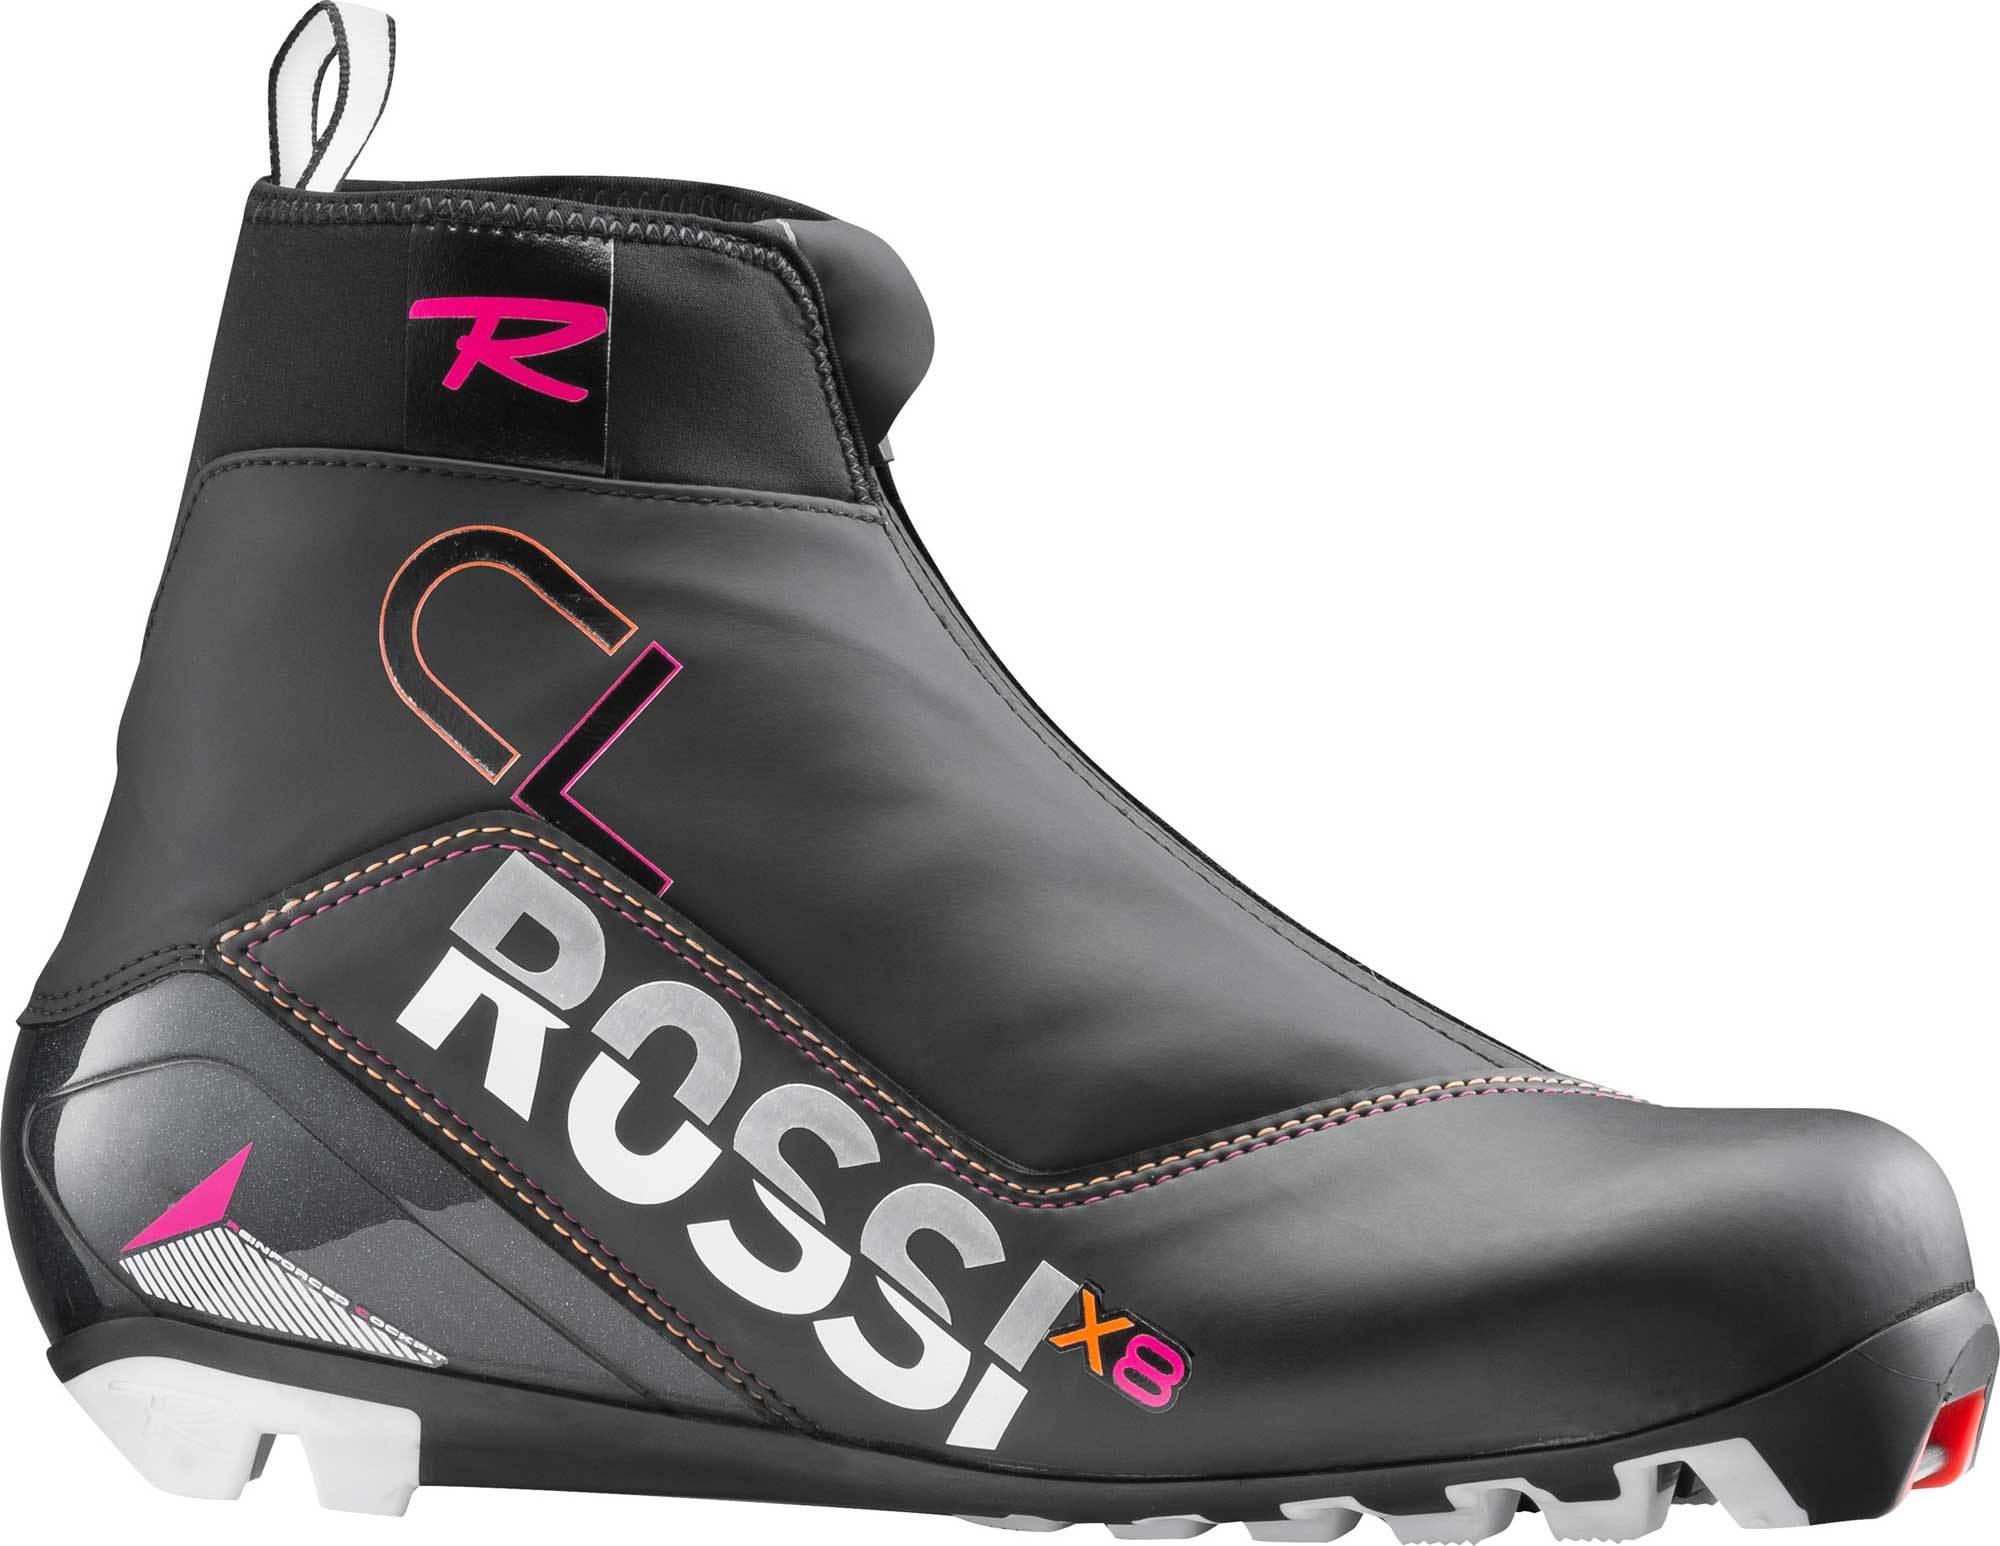 1880a7abe85 Boty na běžky Rossignol X-8 Classic FW - Ski a Bike Centrum Radotín